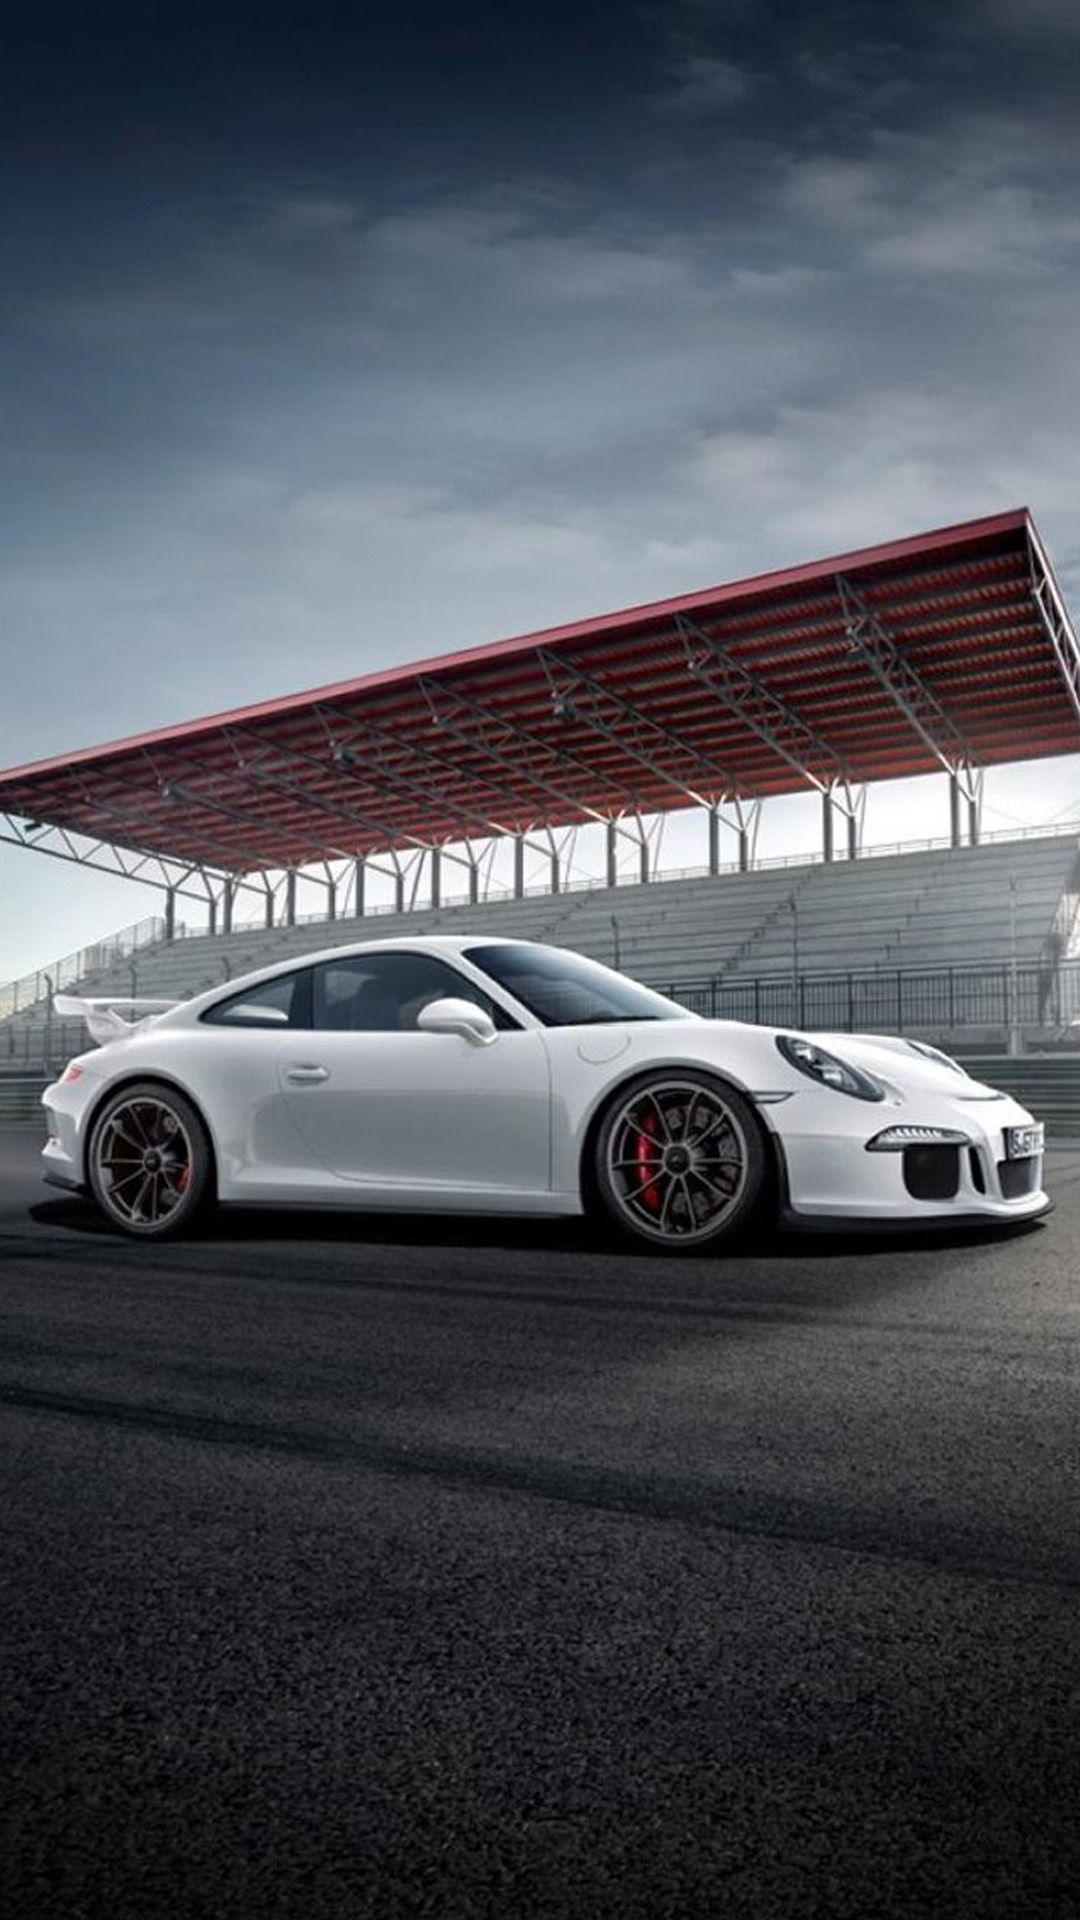 Porsche Gt3 Rs wallpaper for iPhone